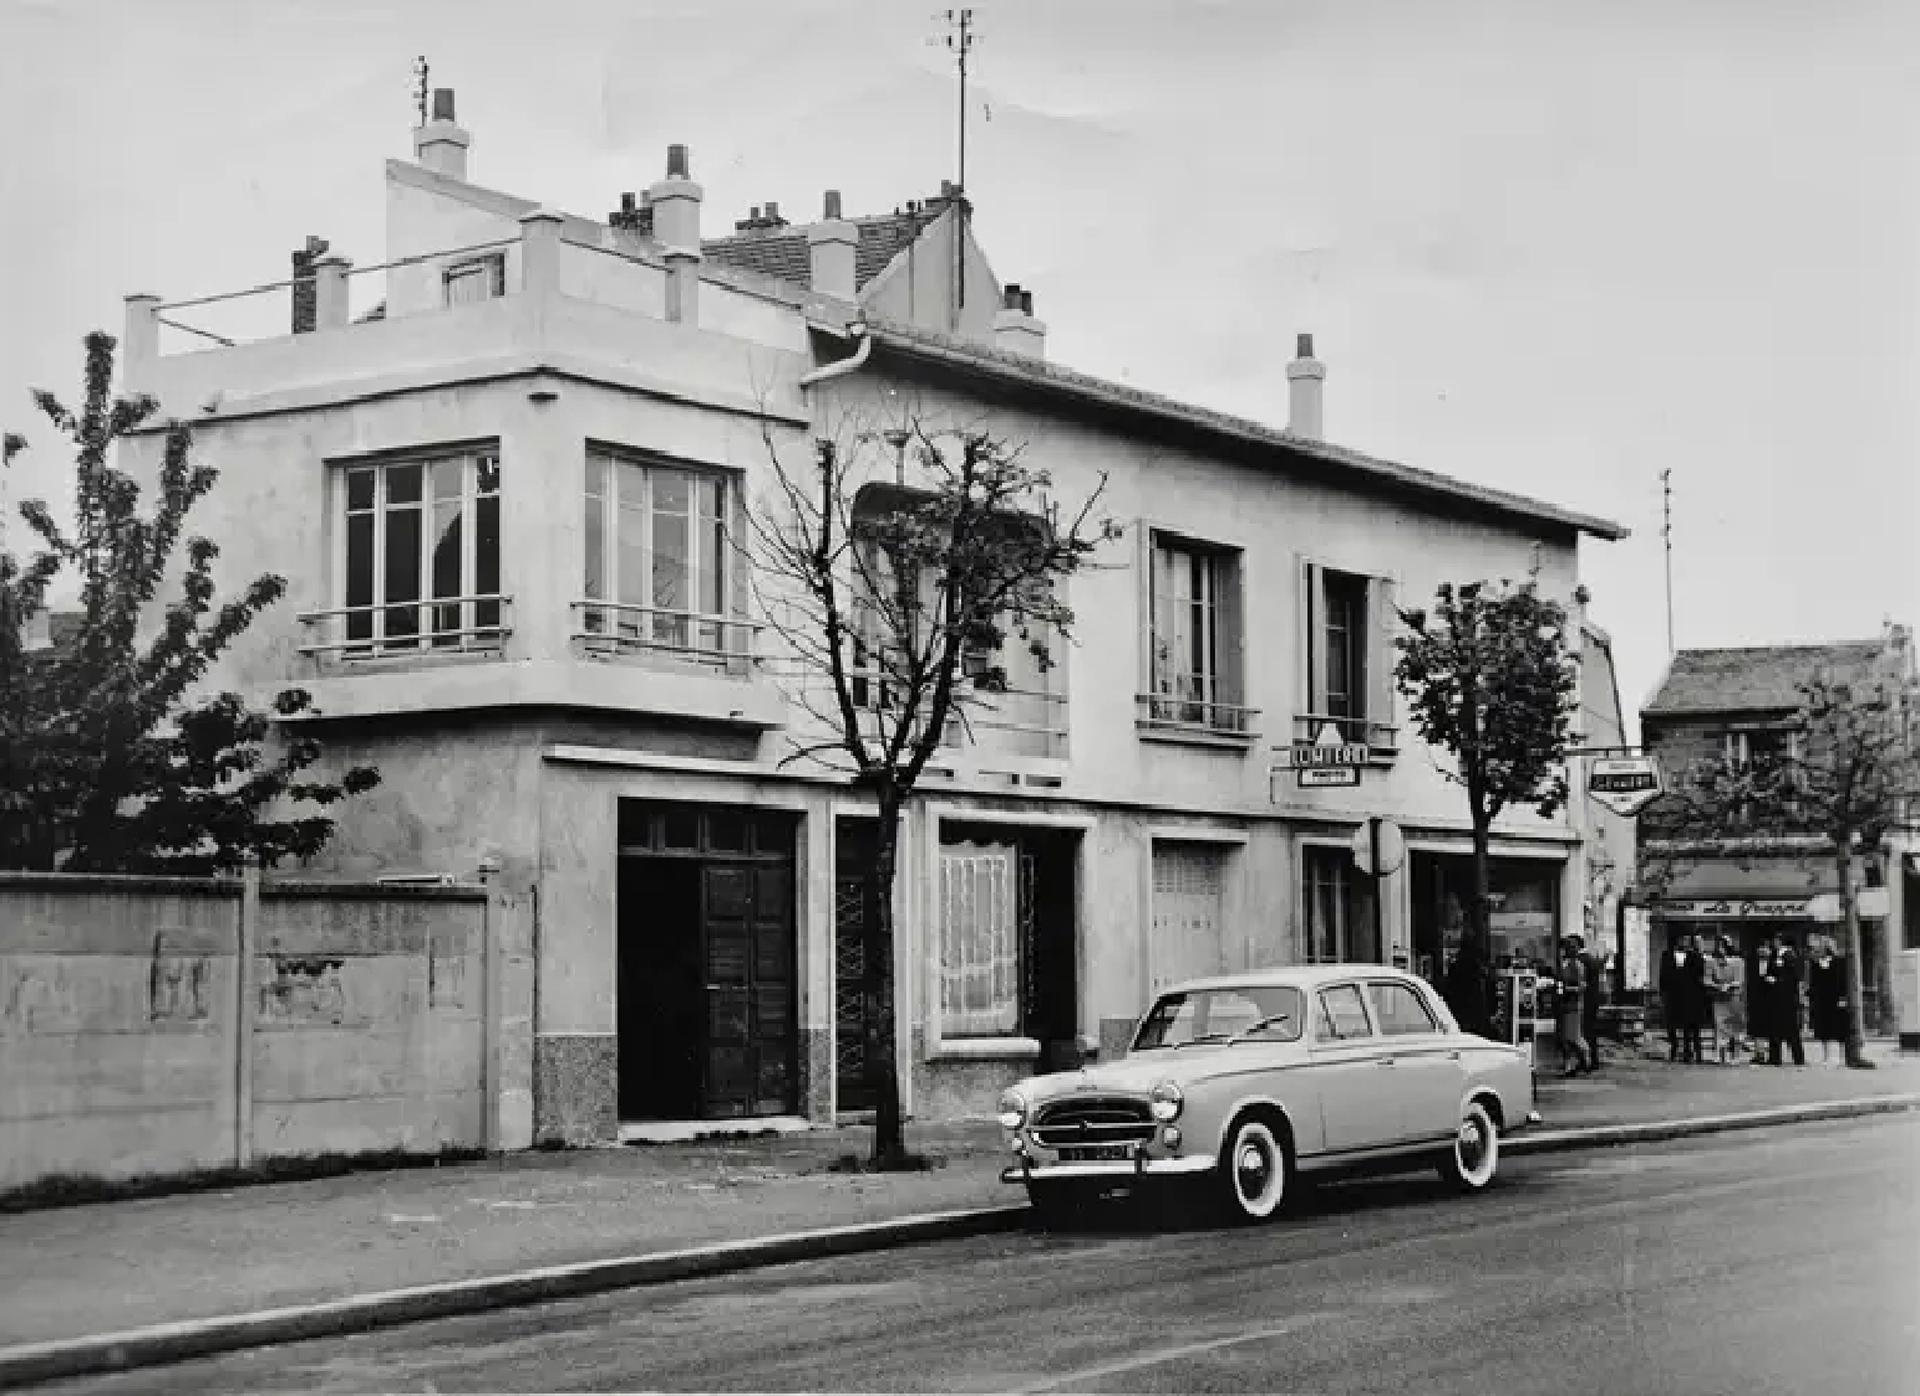 Studio Boissiere